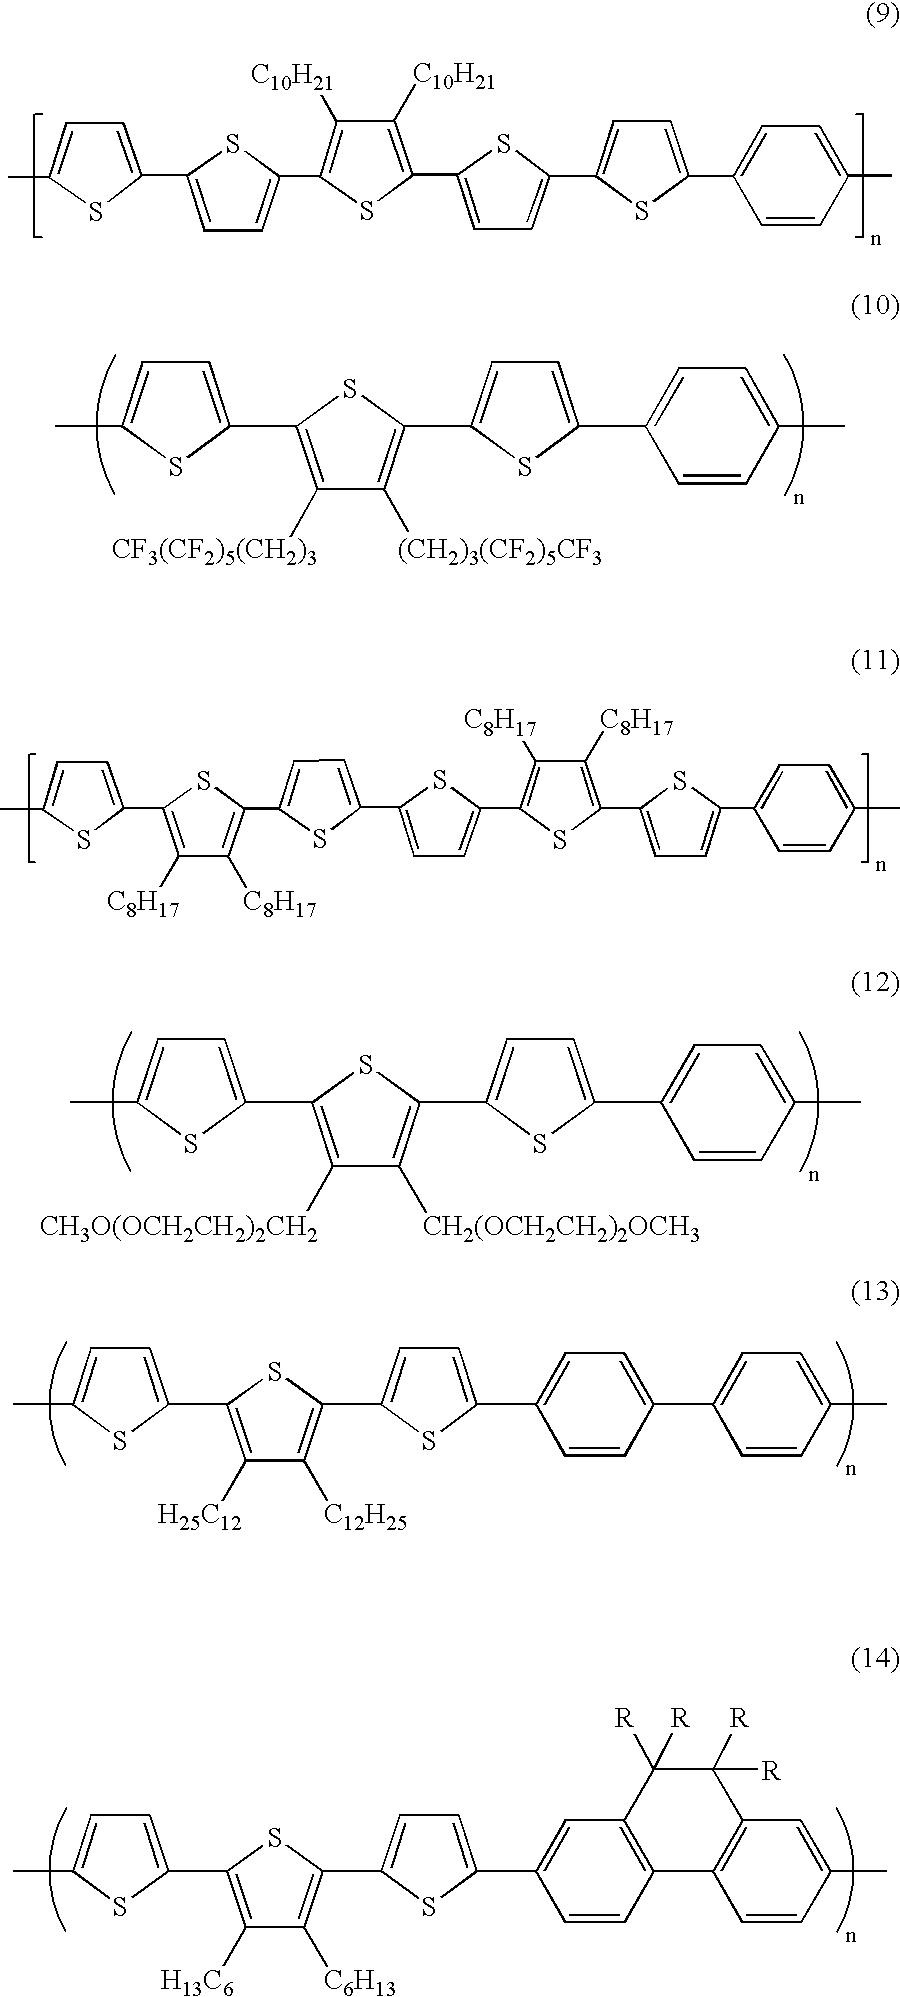 Figure US06777529-20040817-C00010